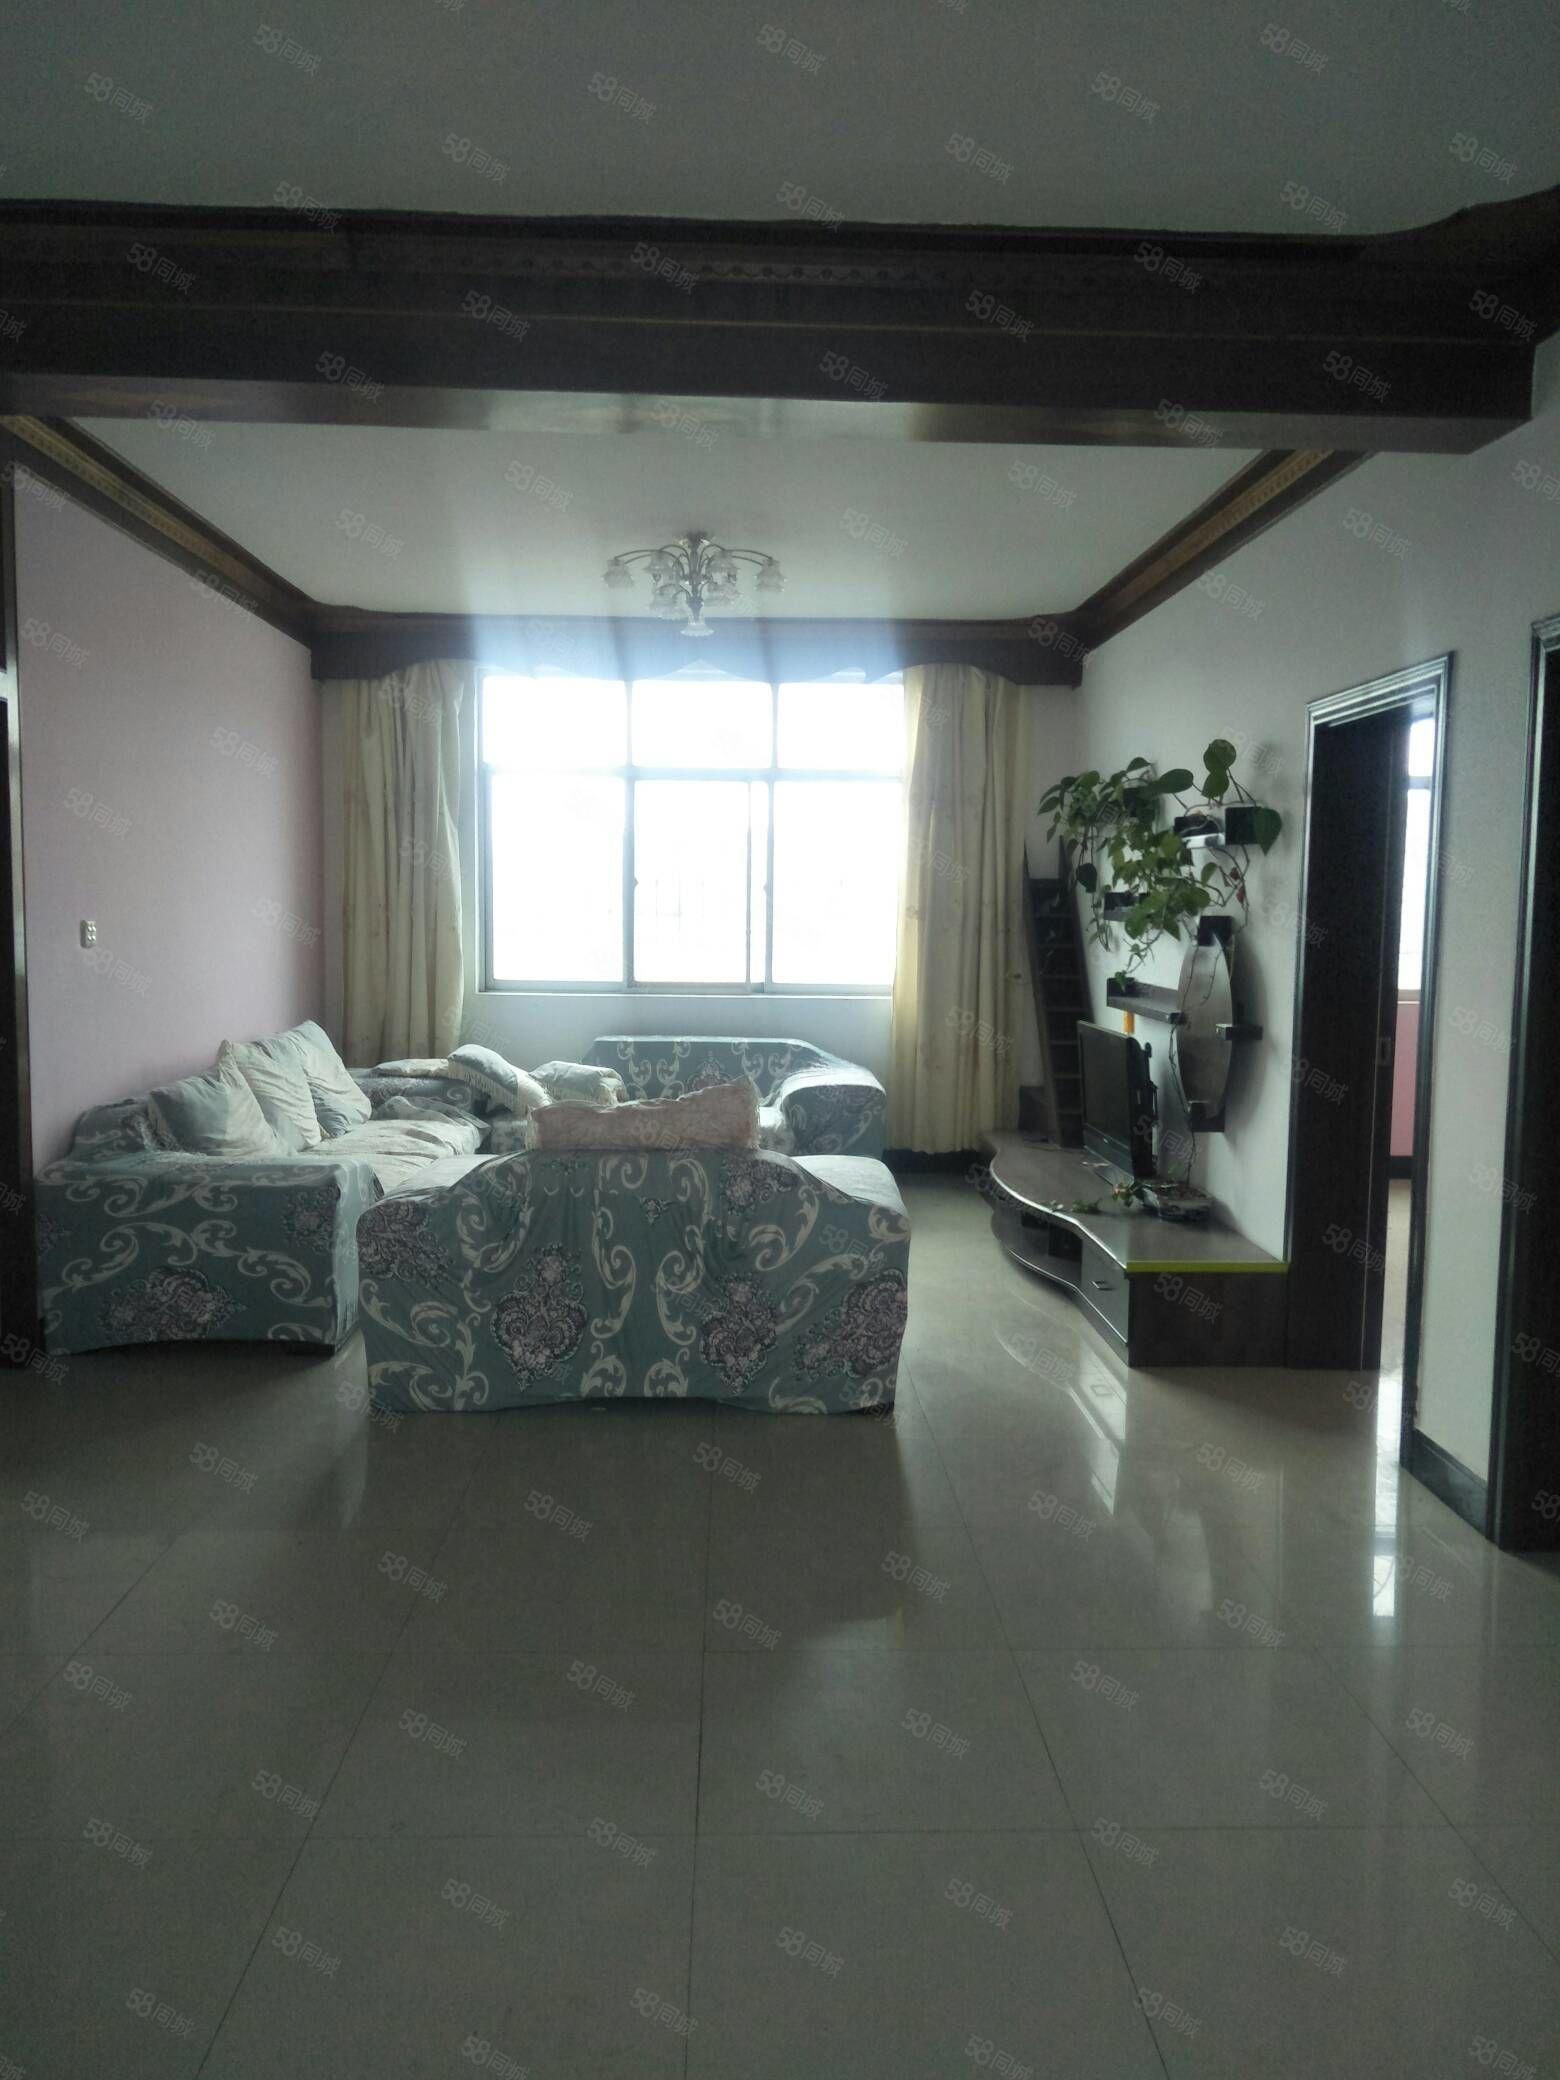 首付18万,四小隔壁,带阳台,3室2厅1卫,证齐可贷款带家具